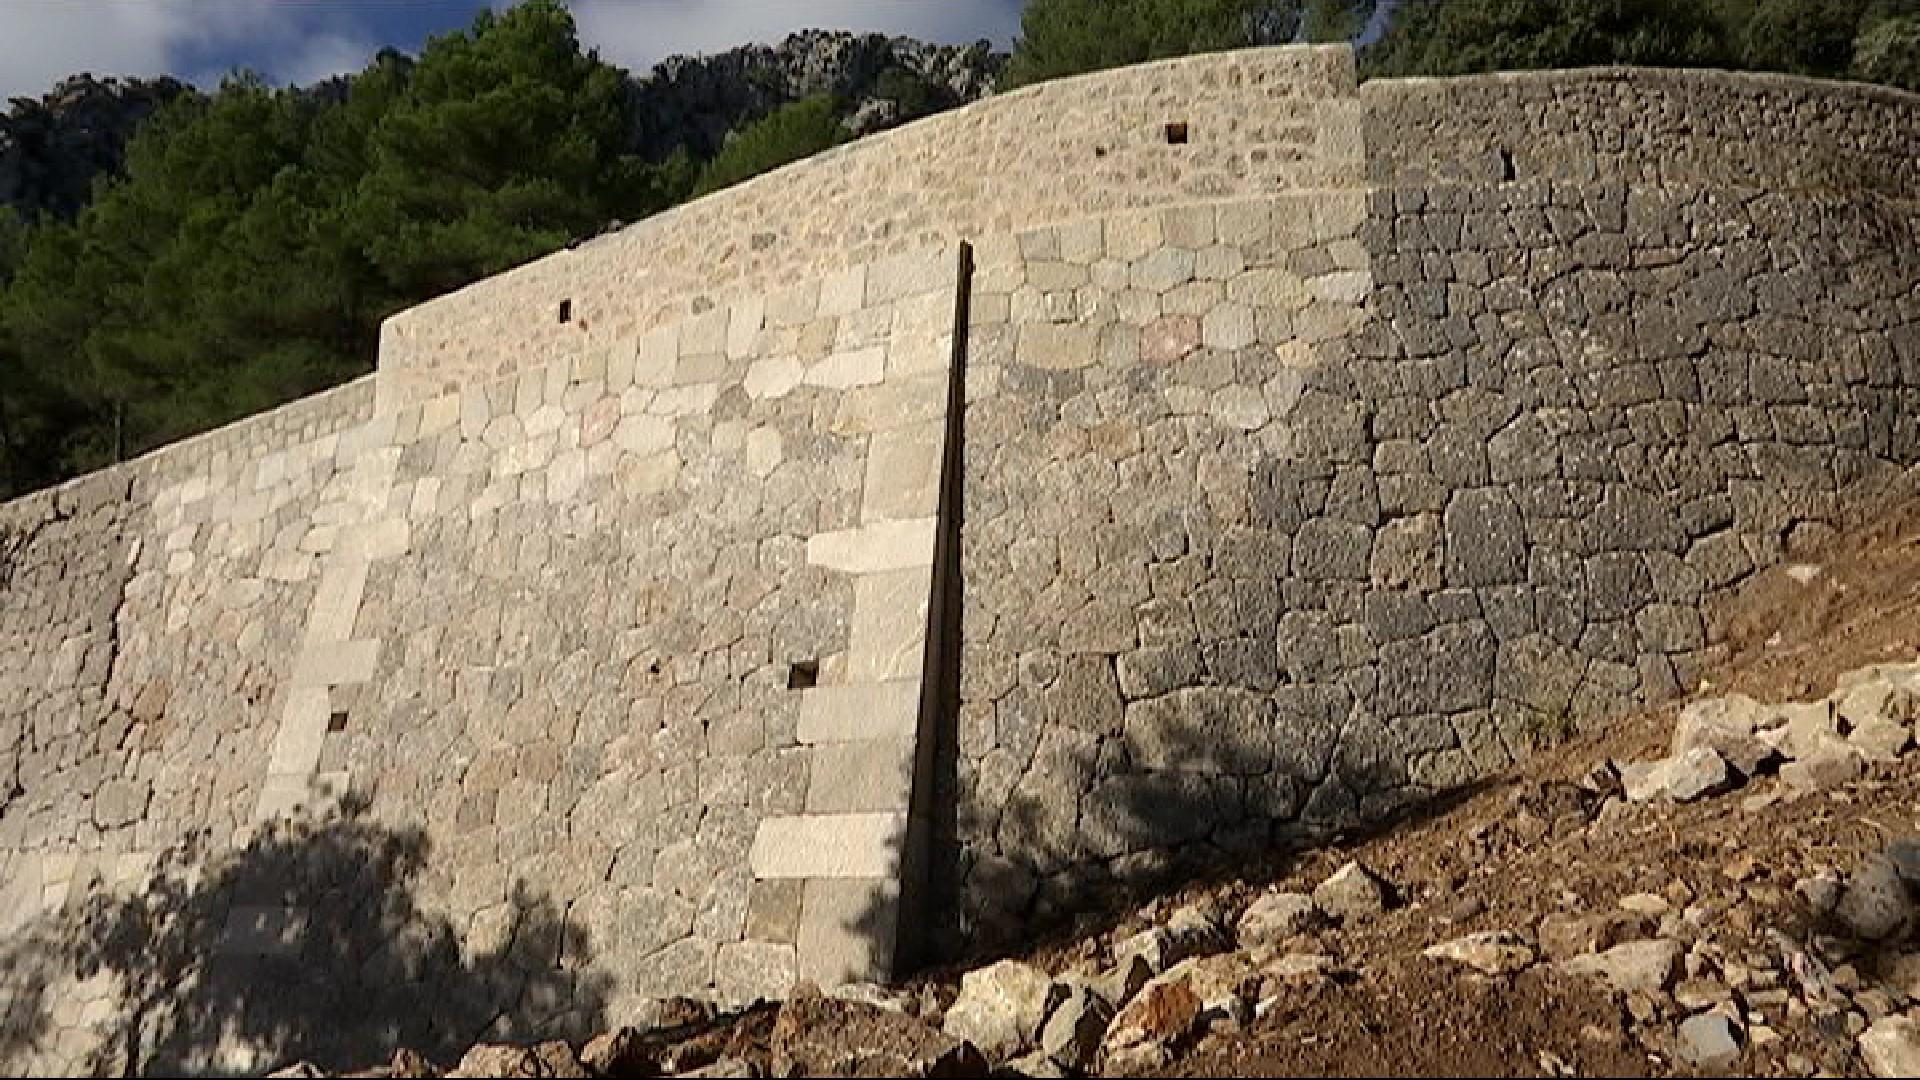 Acaba+la+reconstrucci%C3%B3+del+mur+de+pedra+en+sec+de+la+carretera+de+Lluc